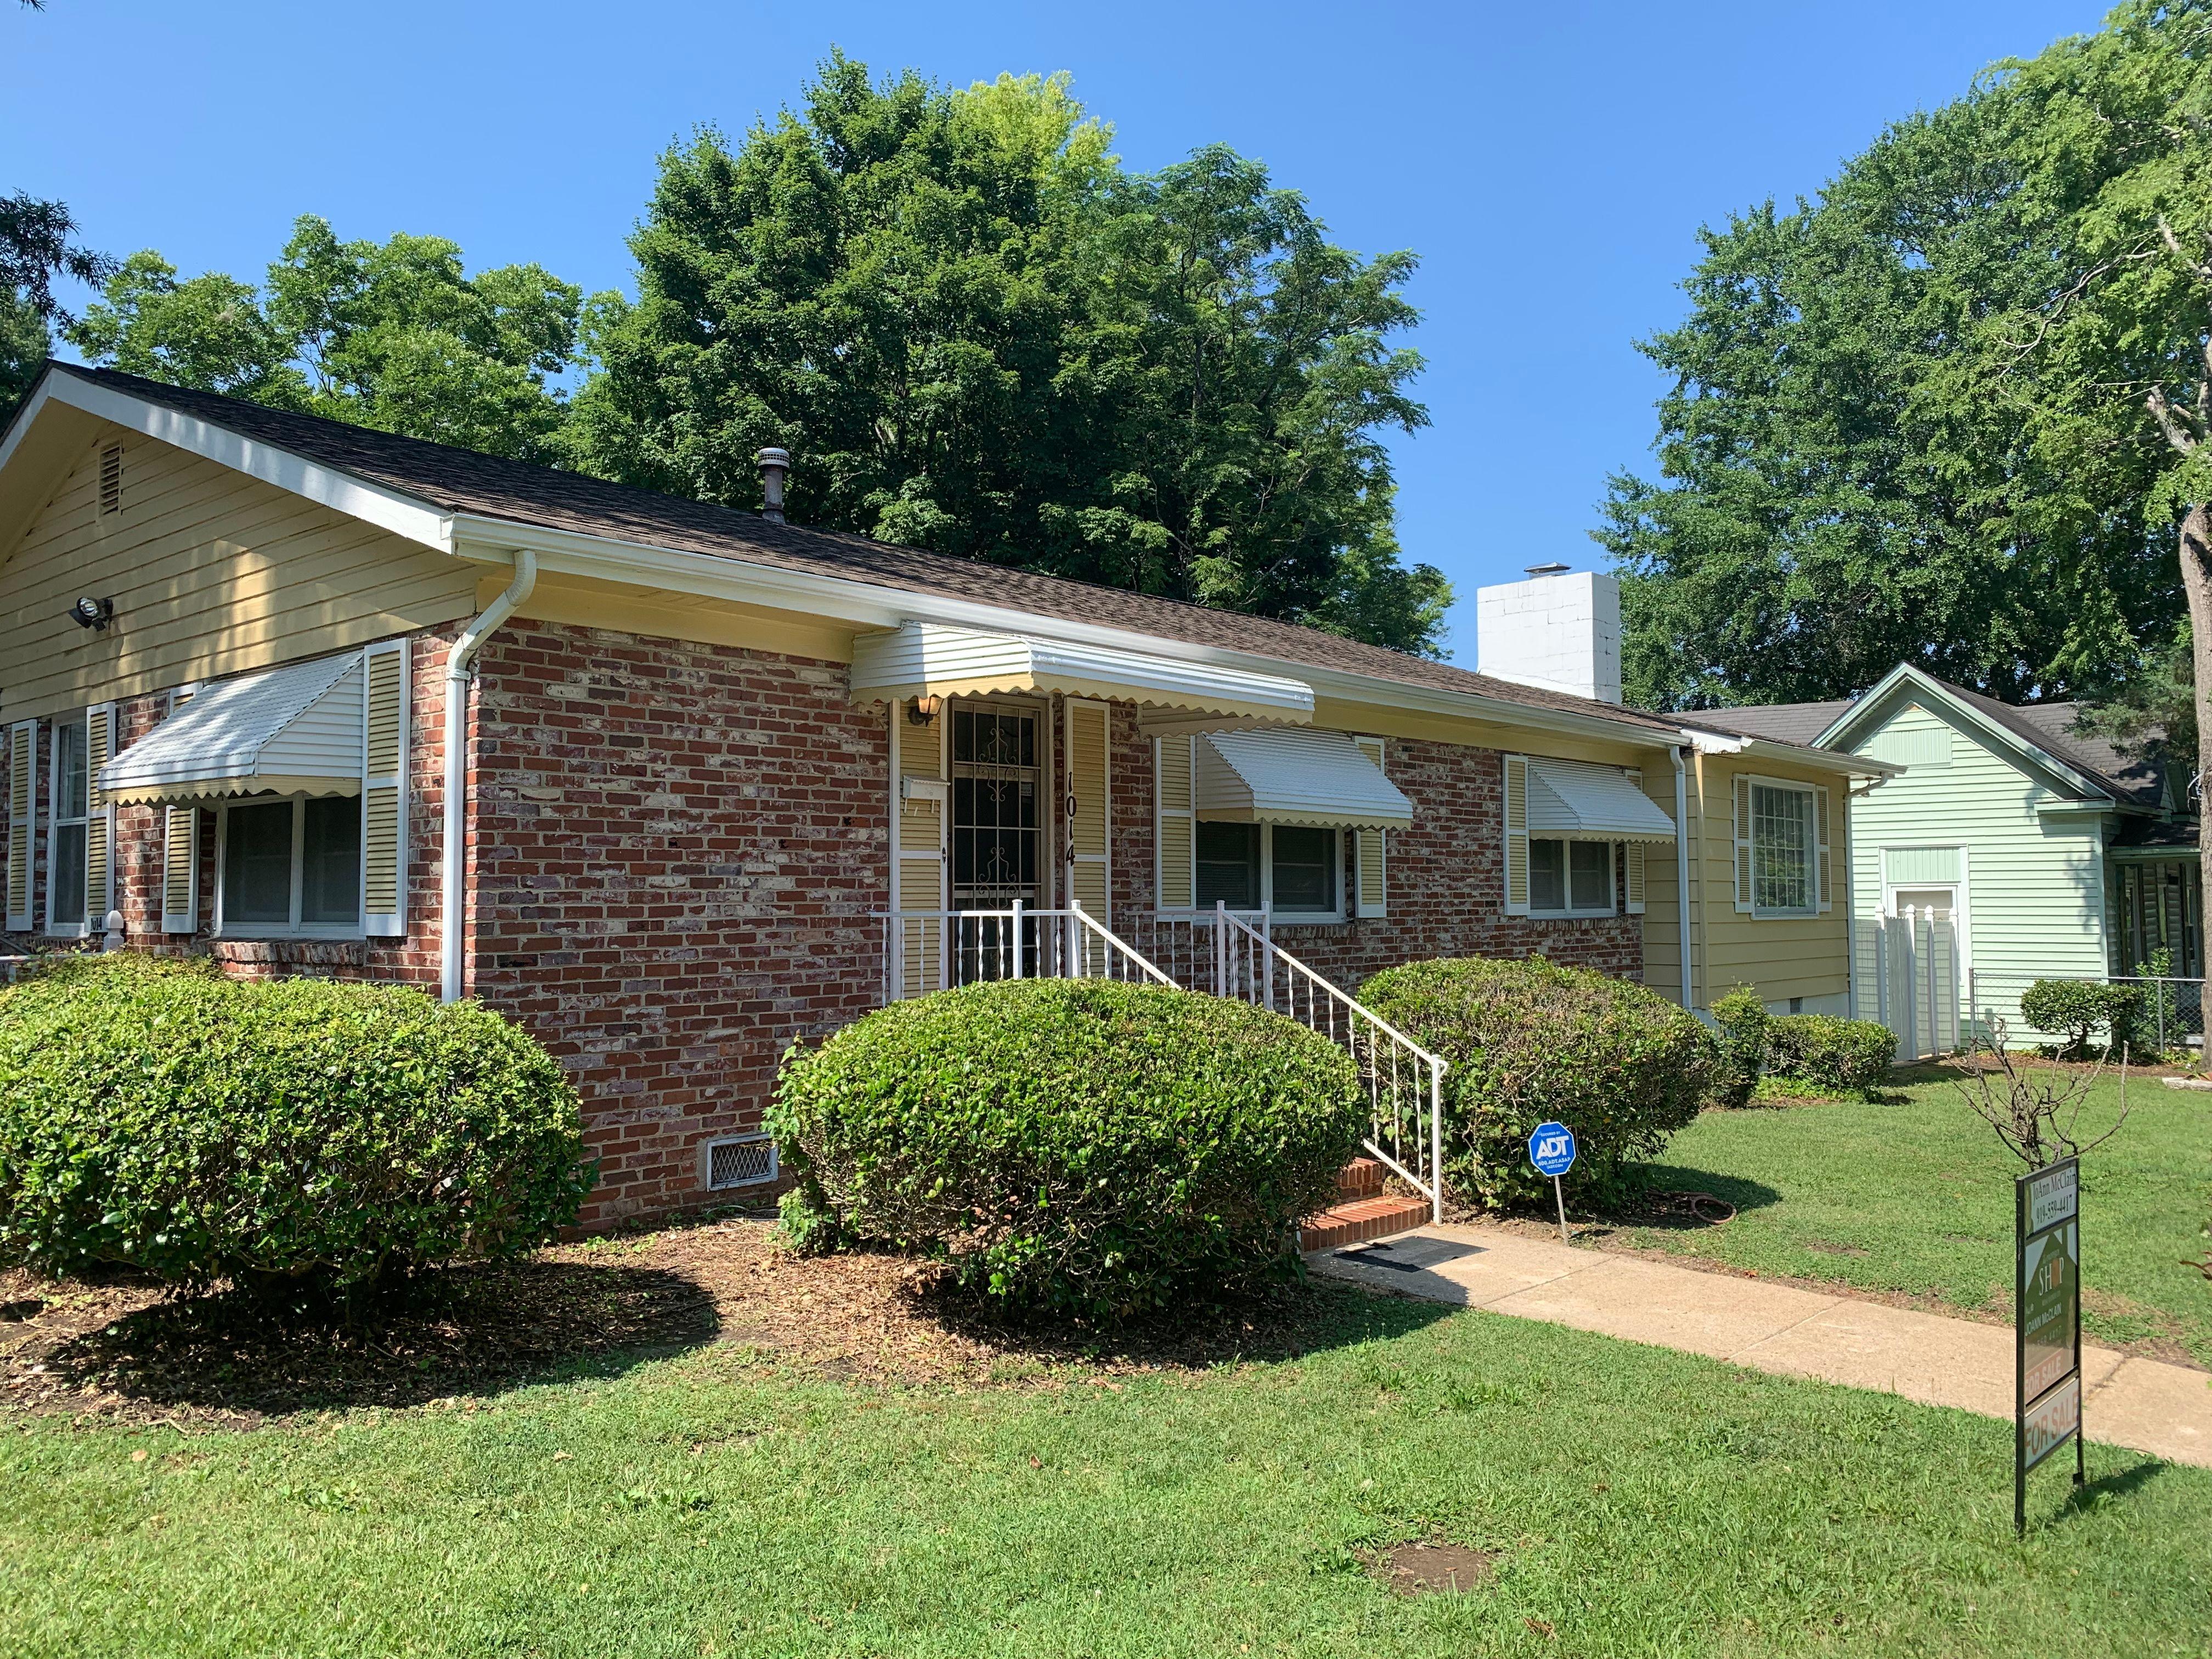 1014 E Jones St, Raleigh, NC